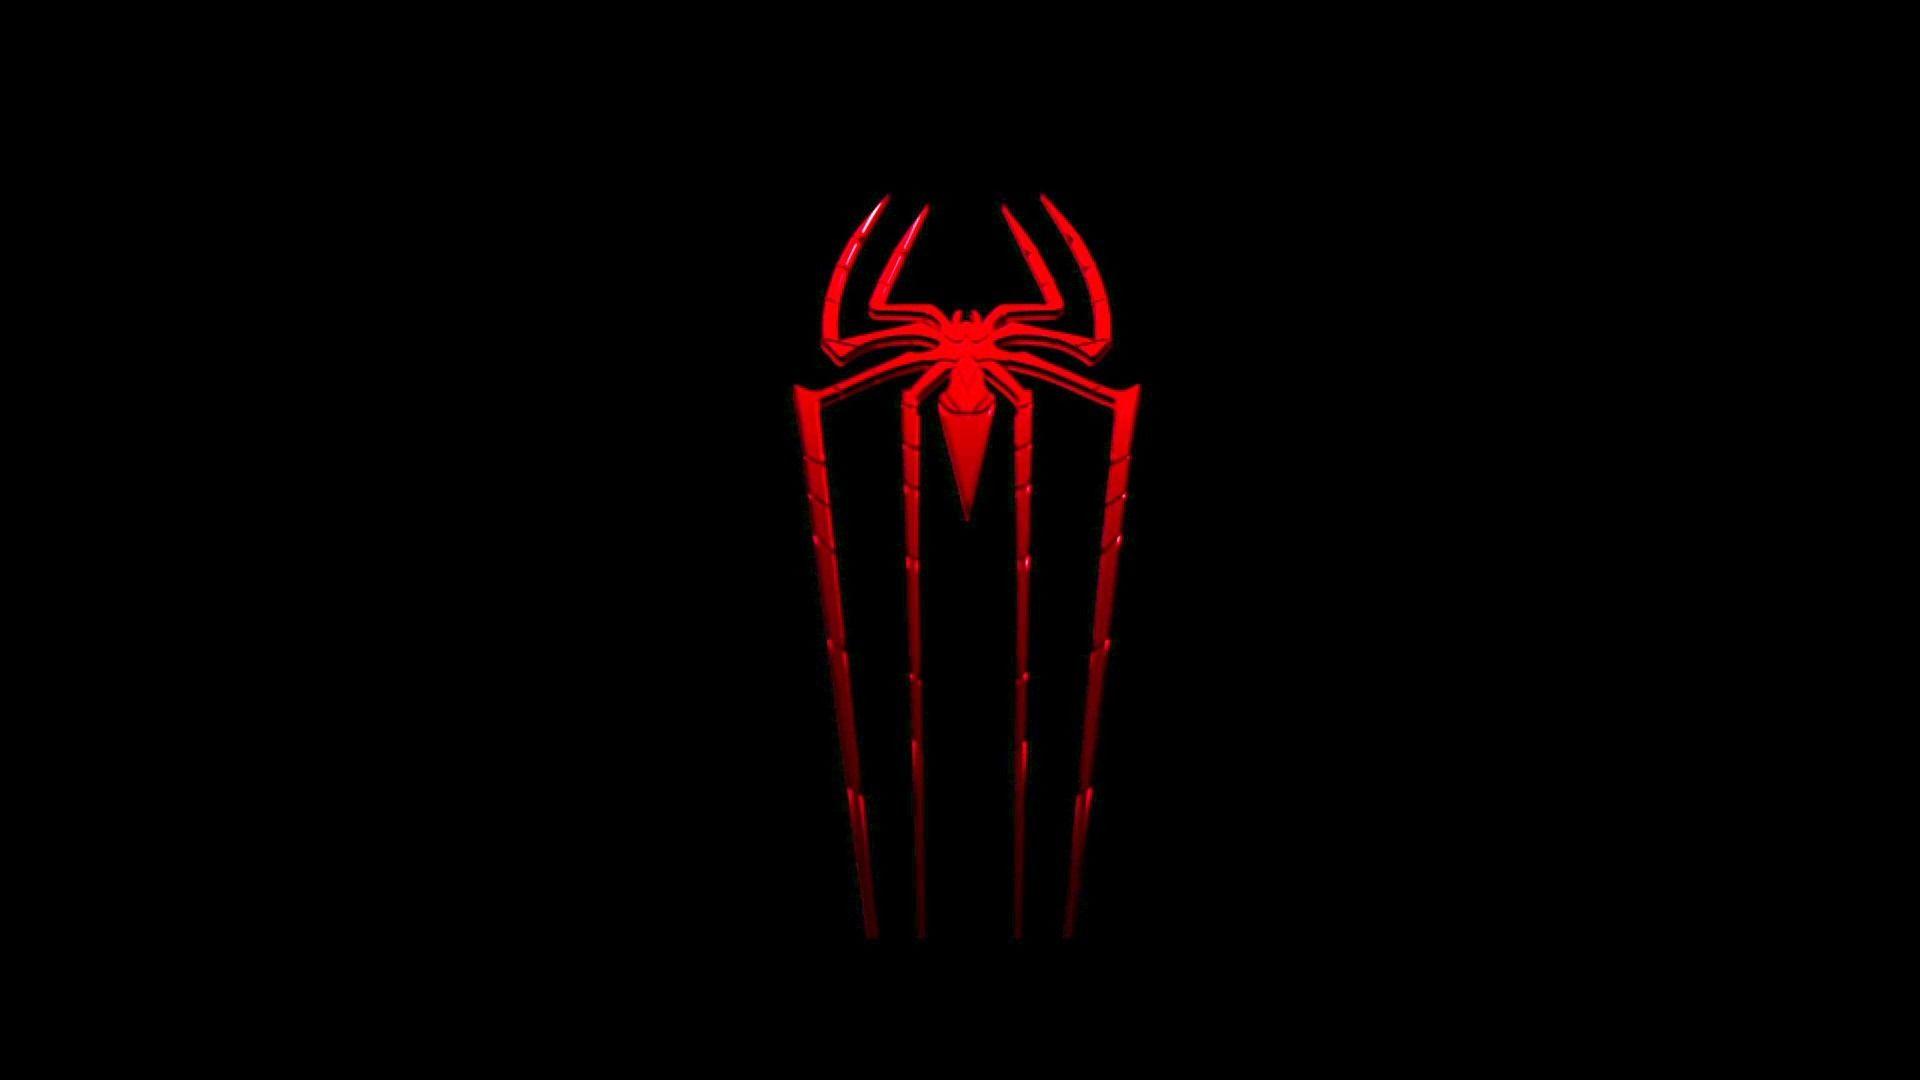 23++ Cool spiderman wallpaper hd Free